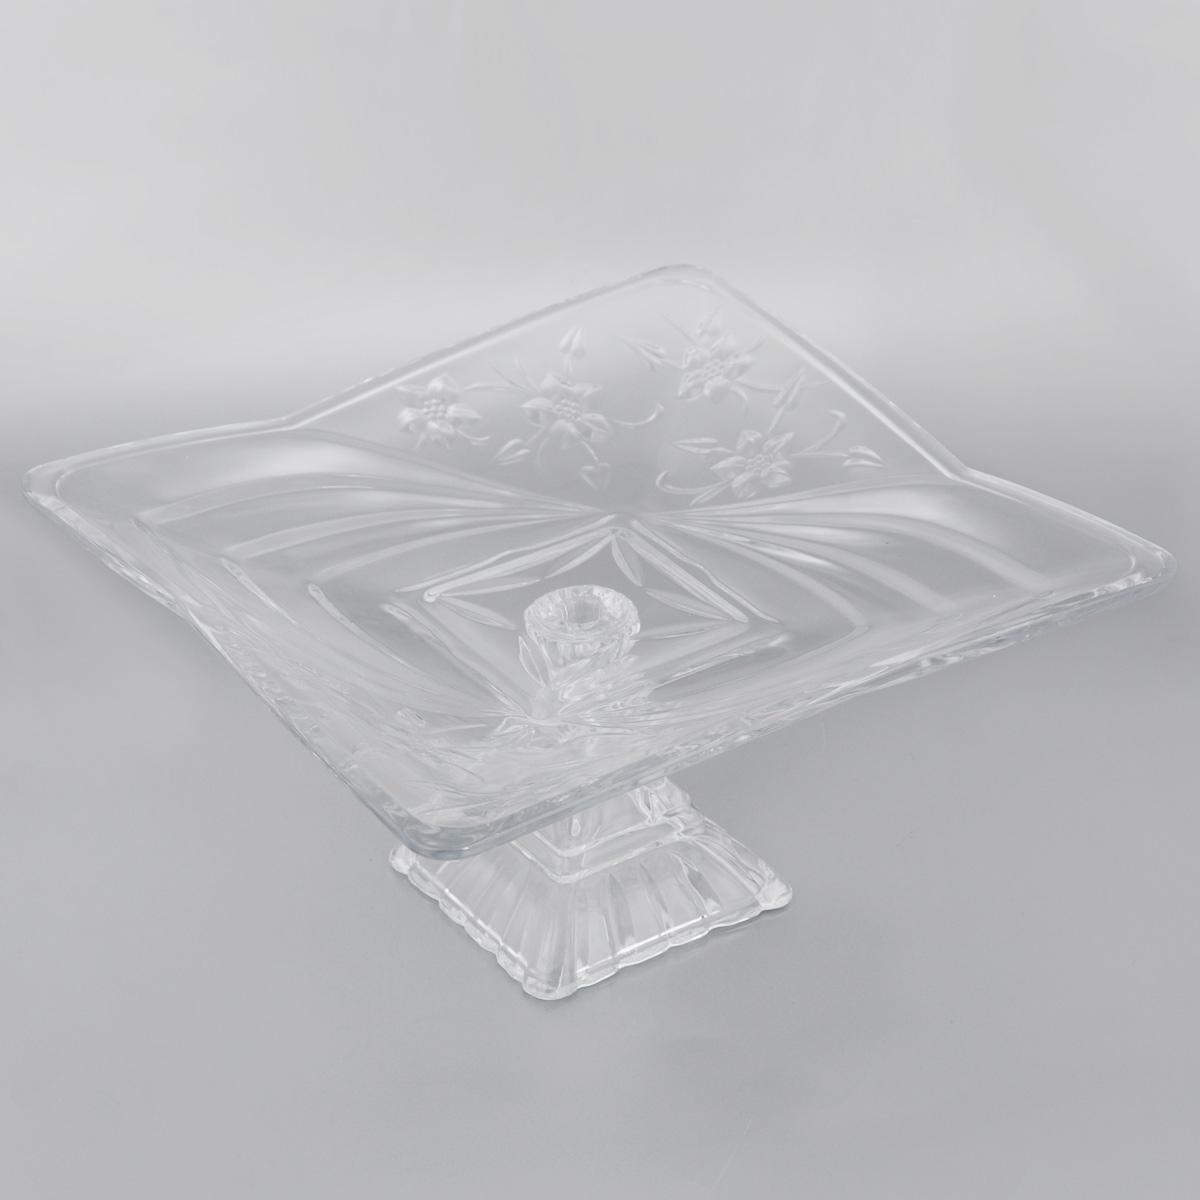 Конфетница на ножке Soga Клематис, 29 х 29 см115510Элегантная конфетница Soga Клематис на ножке, изготовленная из прочного стекла, имеет многогранную рельефную поверхность. Конфетница предназначена для красивой сервировки сладостей. Изделие придется по вкусу и ценителям классики, и тем, кто предпочитает утонченность и изящность. Конфетница Soga Клематис украсит сервировку вашего стола и подчеркнет прекрасный вкус хозяина, а также станет отличным подарком.Можно мыть в посудомоечной машине.Размер по верхнему краю: 29 х 29 см.Высота: 15 см.